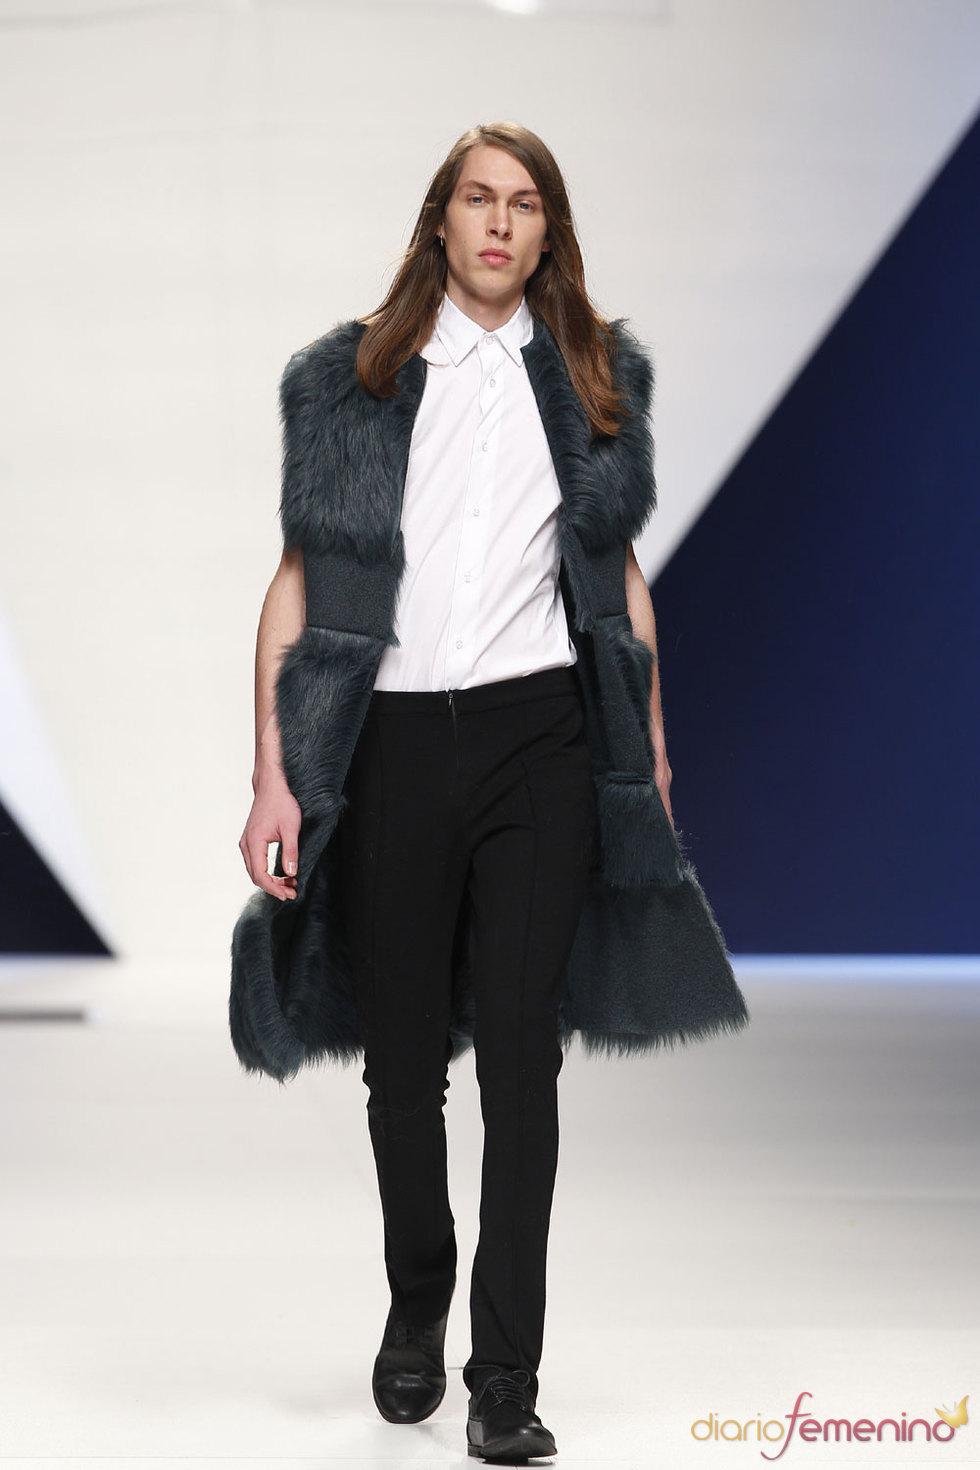 Moda masculina Pasarela Cibeles 2010 - Carlos Doblas